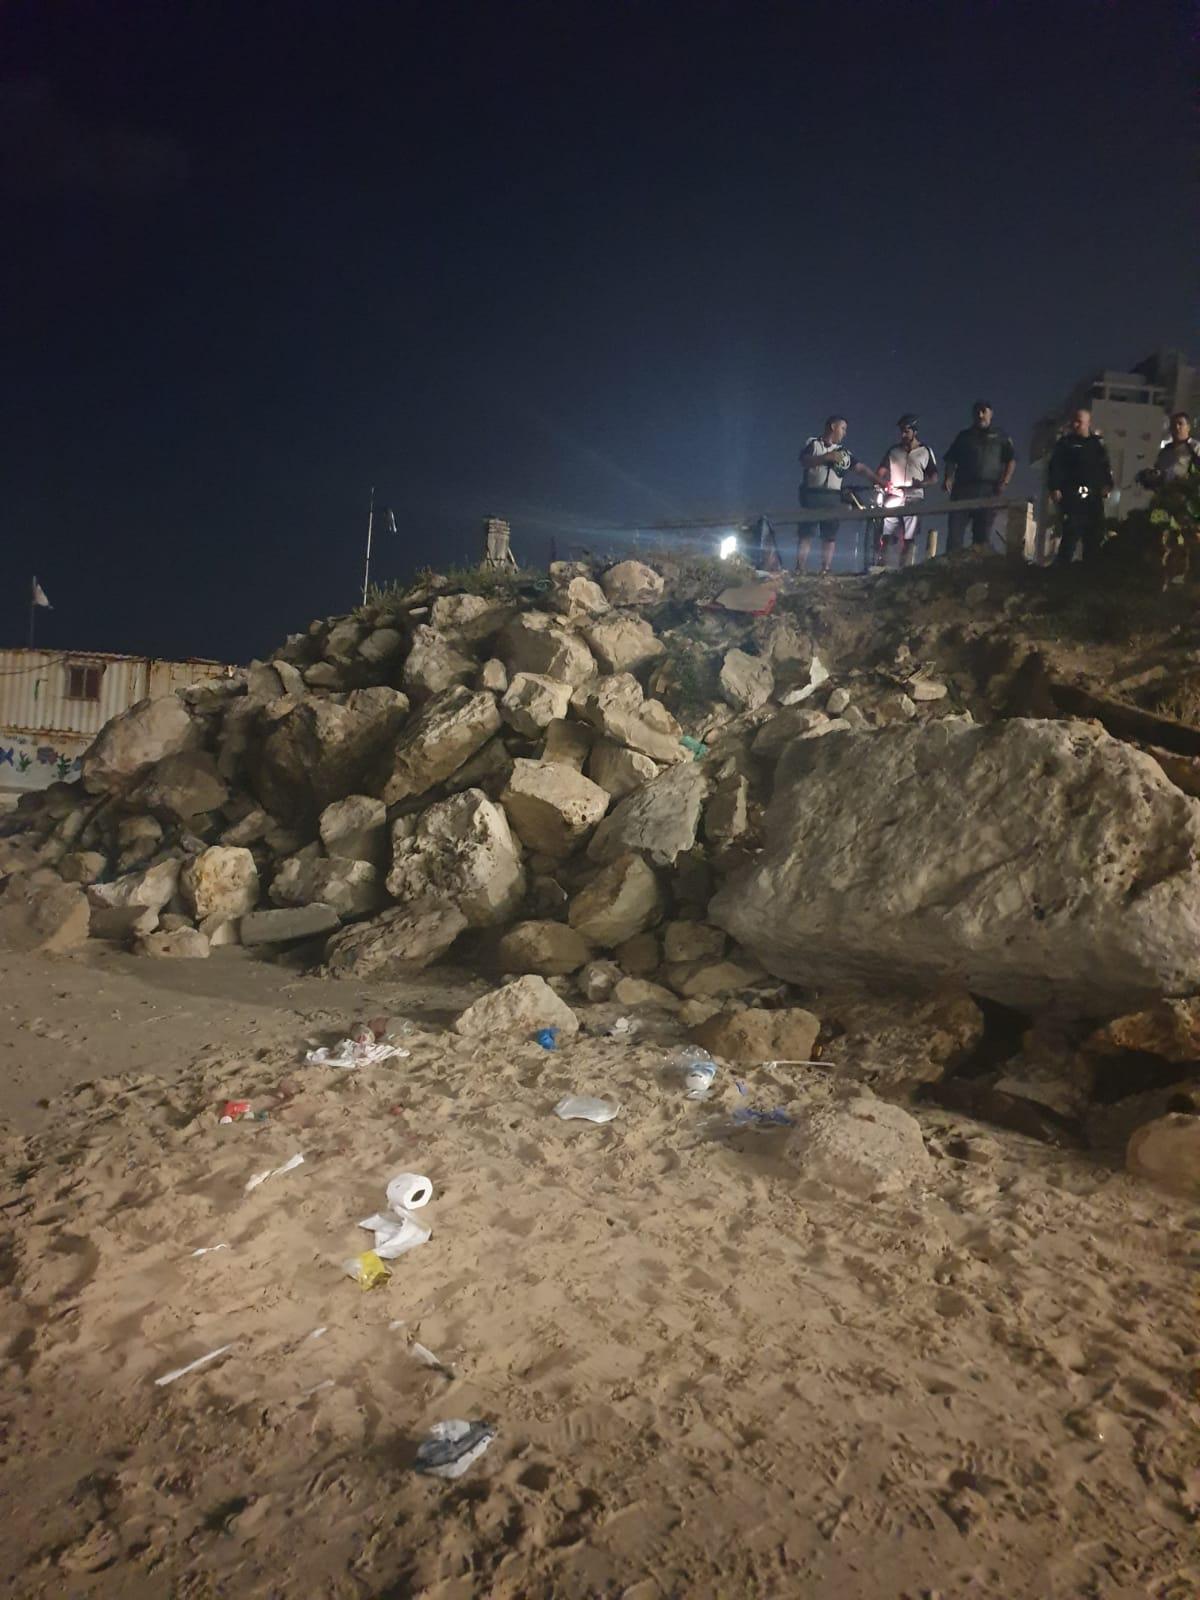 Photo of טרגדיה בבת-ים:  ילד בן 9 במצב אנוש לאחר שנפל מצוק בחוף סי פאלאס בעיר. מבוצעות בו פעולות החייאה